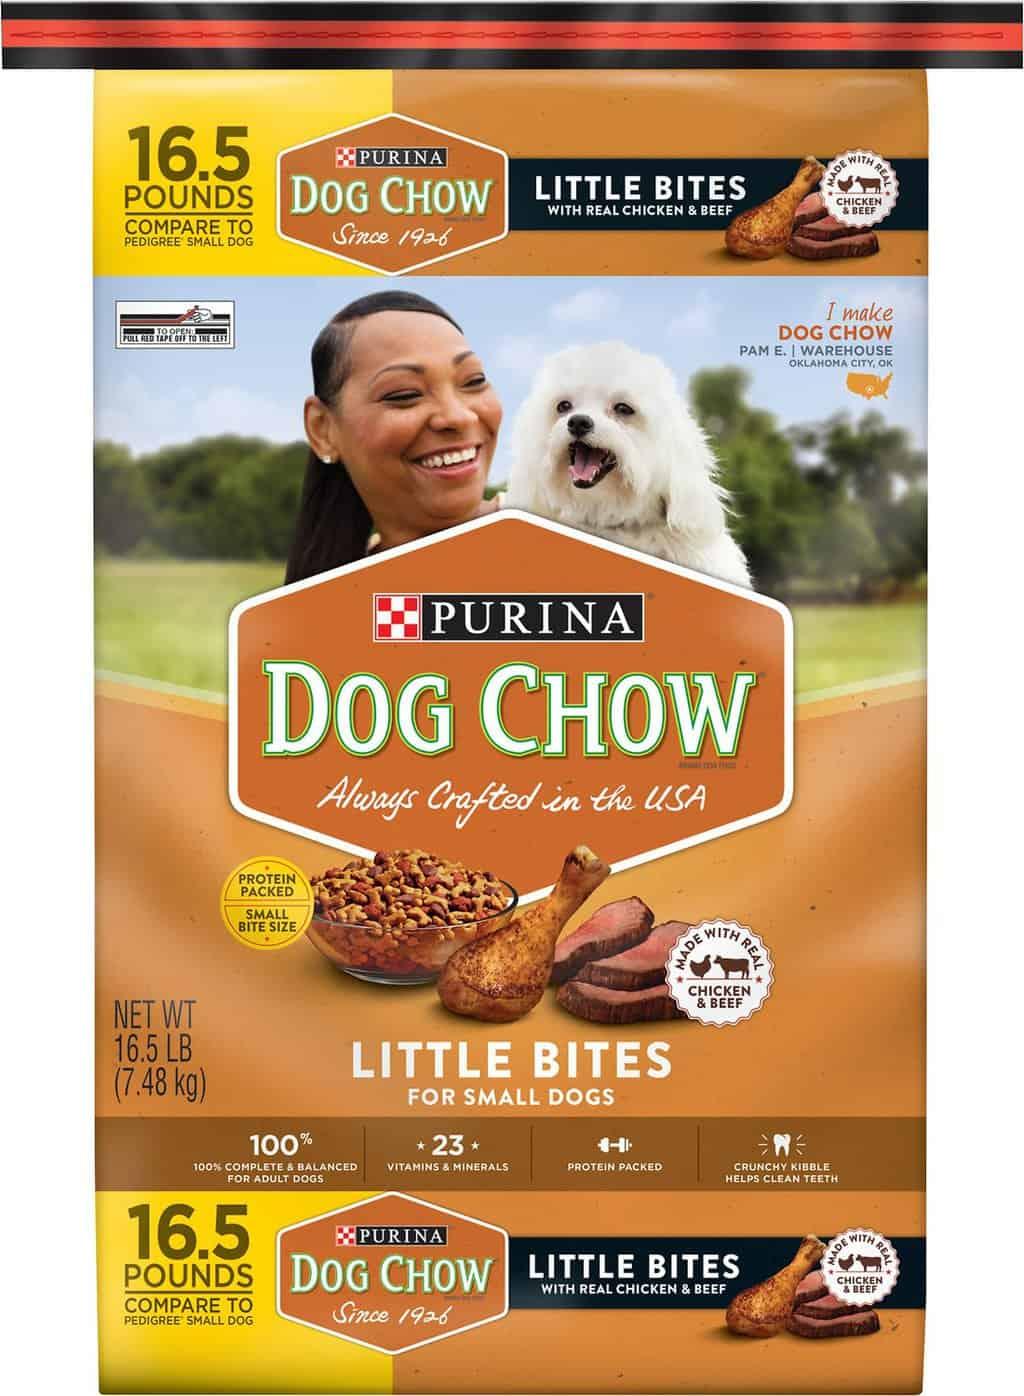 Purina Dog Chow Dog Food: 2020 Review, Recalls & Coupons 11